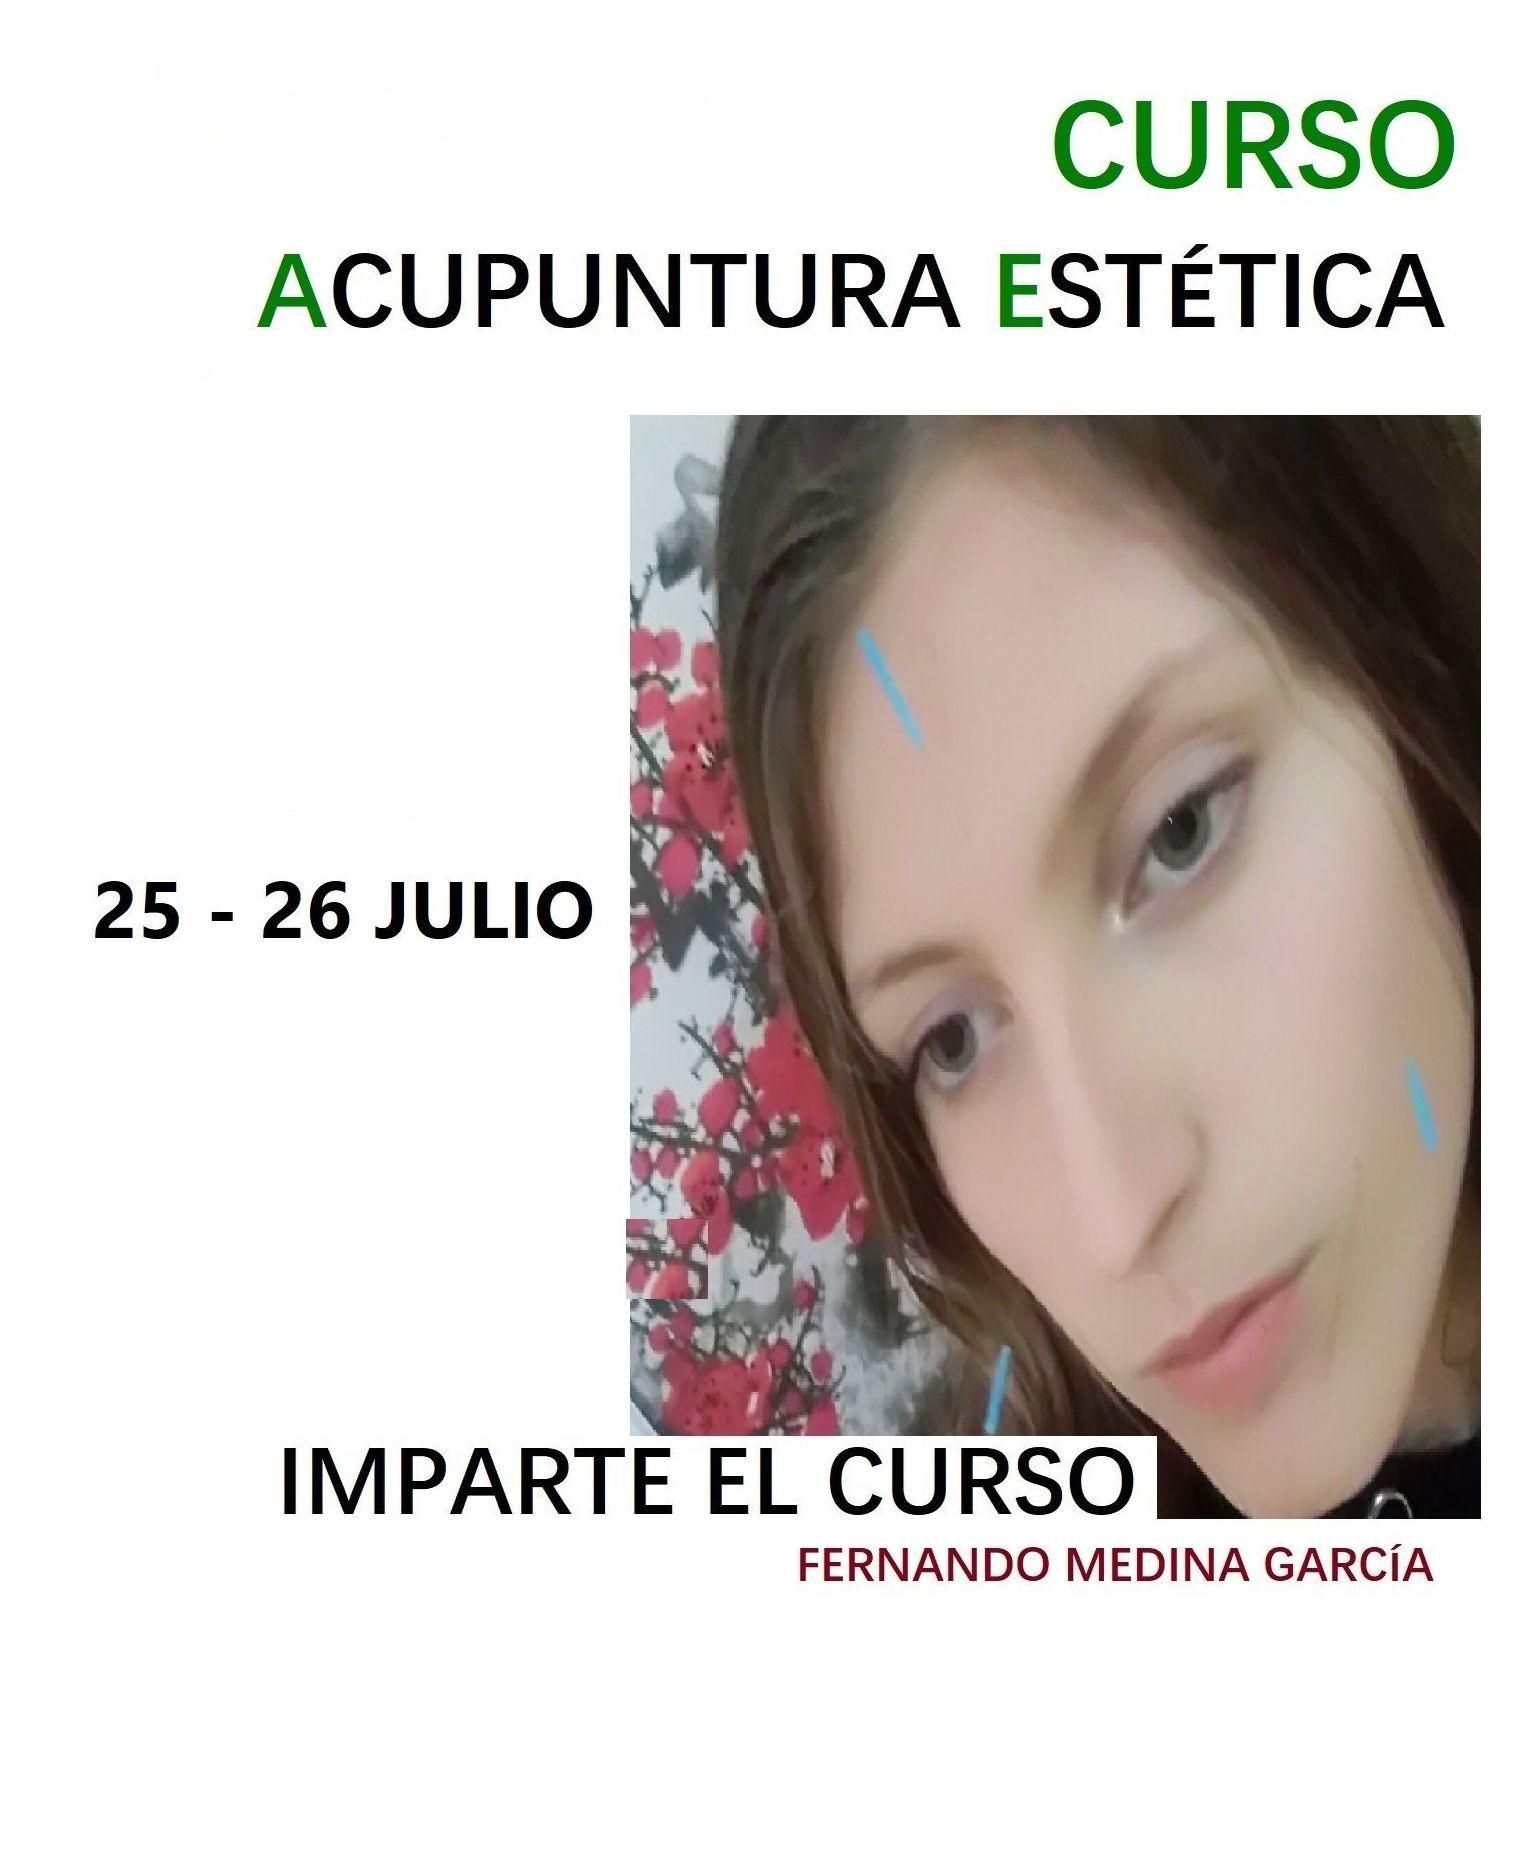 Acupuntura Estética Primer Nivel: Cursos y tratamientos de Centro Dao Málaga